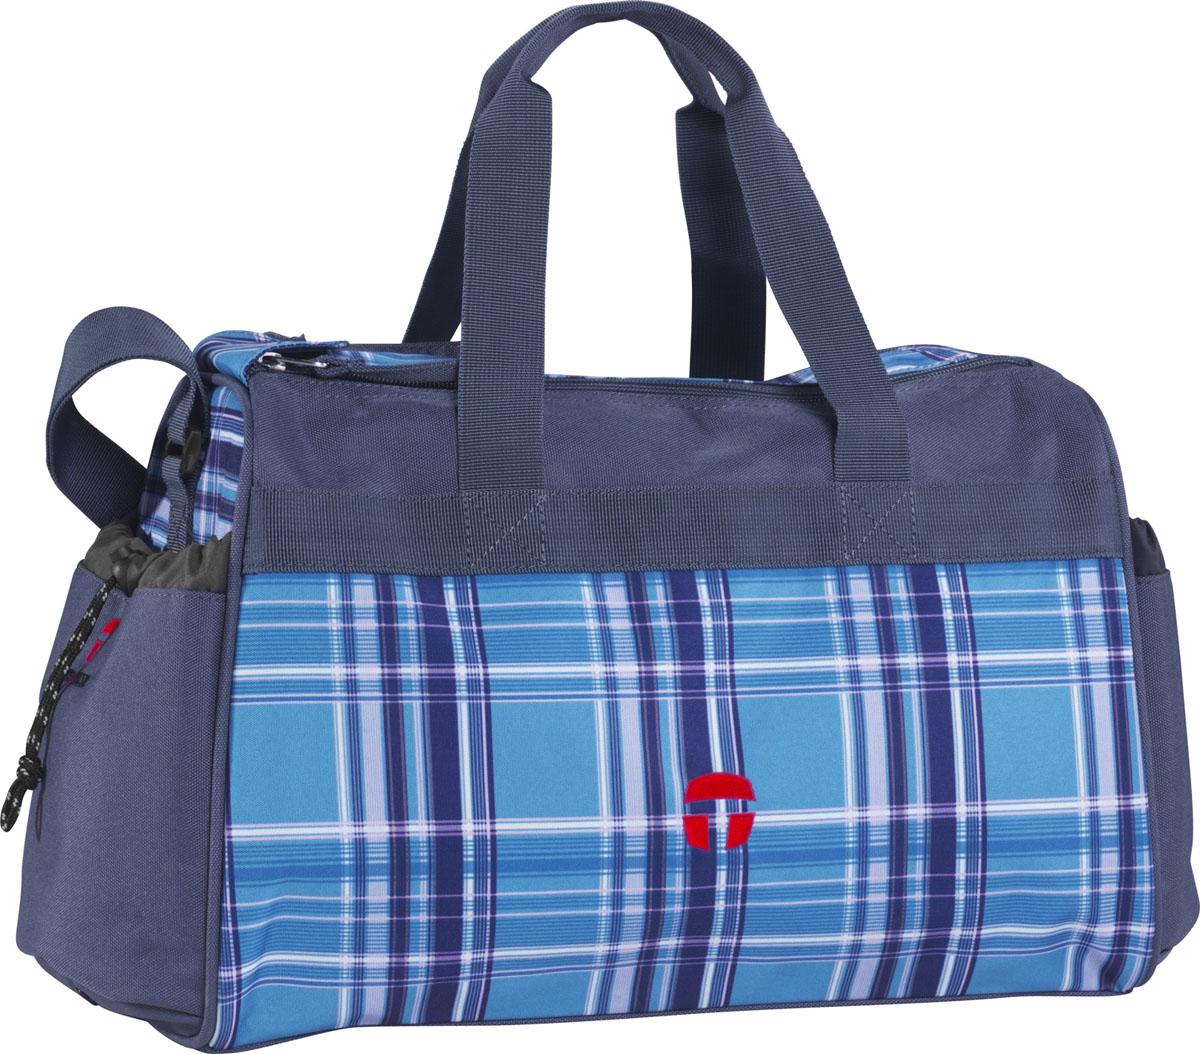 Сумка спортивная McNeil Виола, цвет: голубой, 37 см х 20 см х 25 см28407473188Спортивная сумка McNeil Виола предназначена для переноски спортивных вещей, обуви и инвентаря. Сумка ручной работы выполнена из современных резистентных материалов и оформлена принтом в голубую клетку. Сумка имеет одно вместительное отделение, закрывающееся на две застежки-молнии. Бегунки на застежках соединены общим текстильным держателем. На тыльной стороне сумки расположен внешний карман для обуви, закрывающийся на застежку молнию. По бокам находятся два внешних кармана, затягивающиеся сверху текстильным шнурком с фиксатором. Спортивная сумка оснащена двумя текстильными ручками для переноски в руке и плечевым ремнем, регулируемым по длине. На дне сумки расположены четыре широкие пластиковые ножки, которые защитят ее от грязи и продлят срок службы. Спортивные сумки McNeill - это высочайшее качество, функциональность и современный дизайн. Характеристики: Материал: текстиль, пластик, металл. Размер сумки: 37 см х 20 см x 25 см. Объем сумки: 18 л.